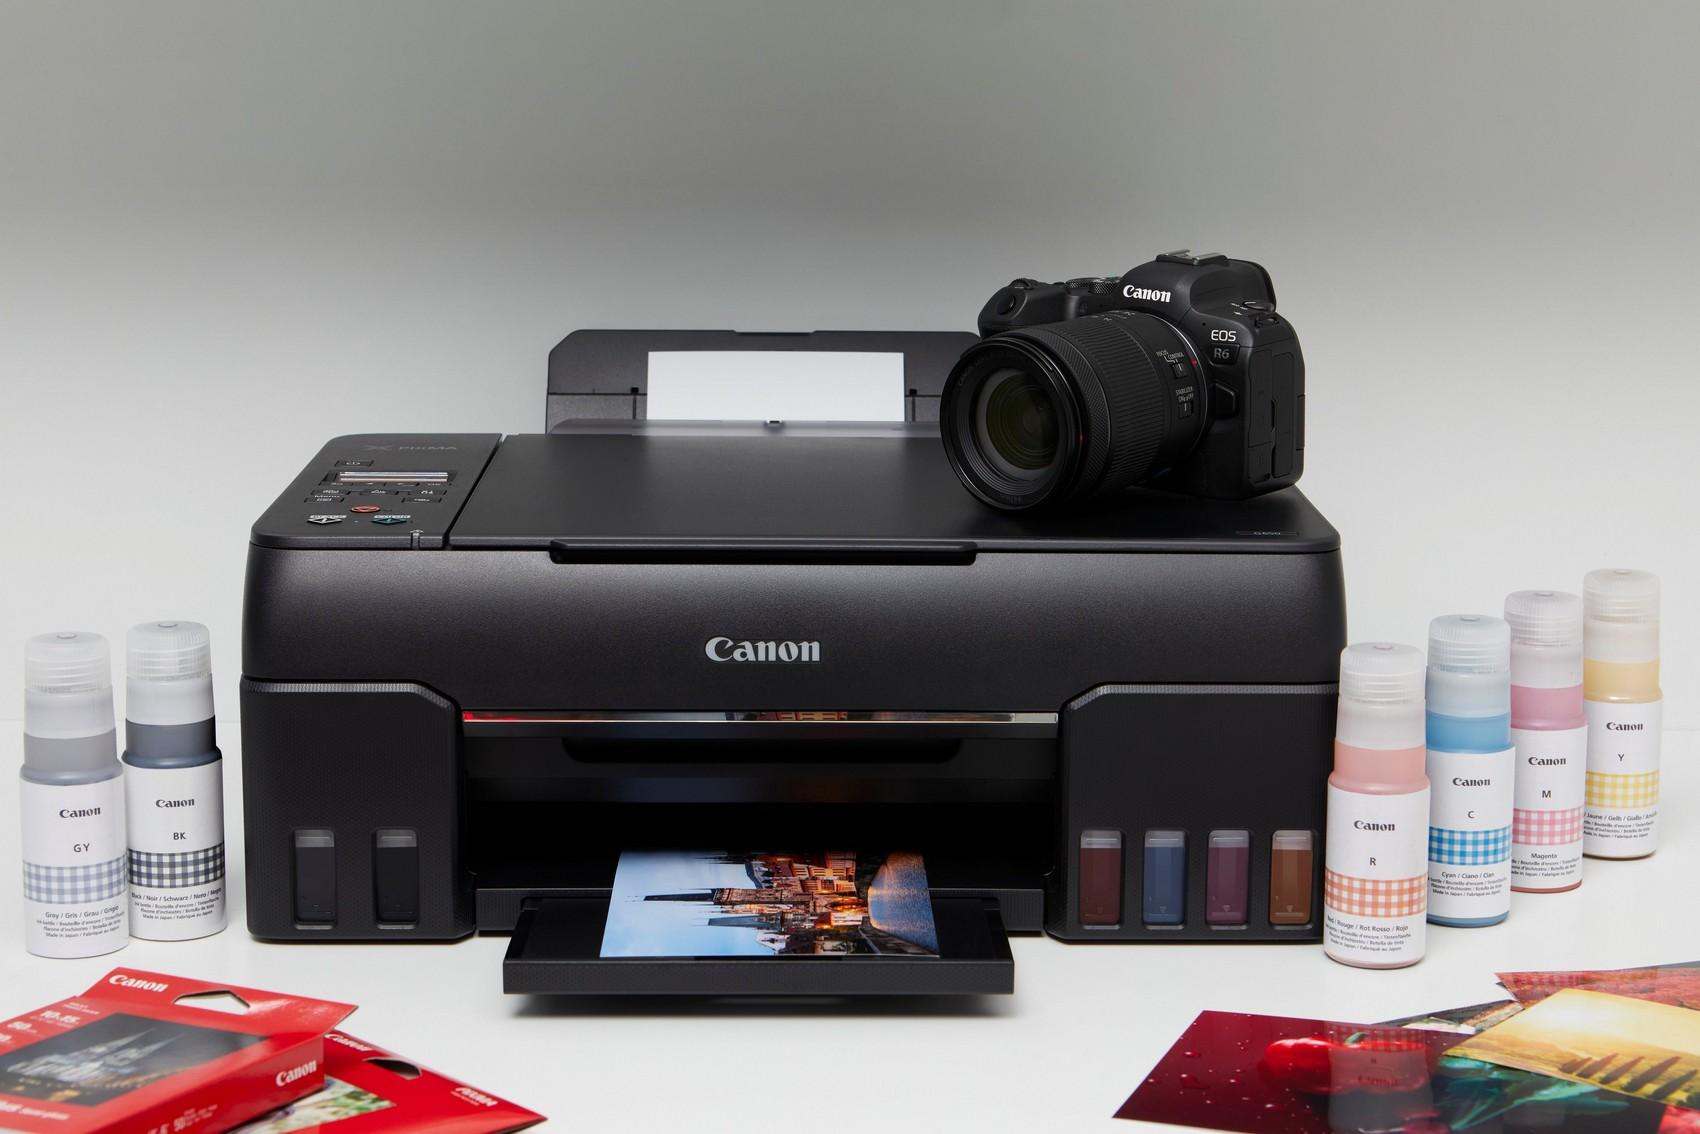 Im Unterschied zum PIXMA G550 kann der hier abgebildete PIXMA G650 nicht nur Fotos drucken (auch kabellos), sondern auch scannen und kopieren. (c) Canon